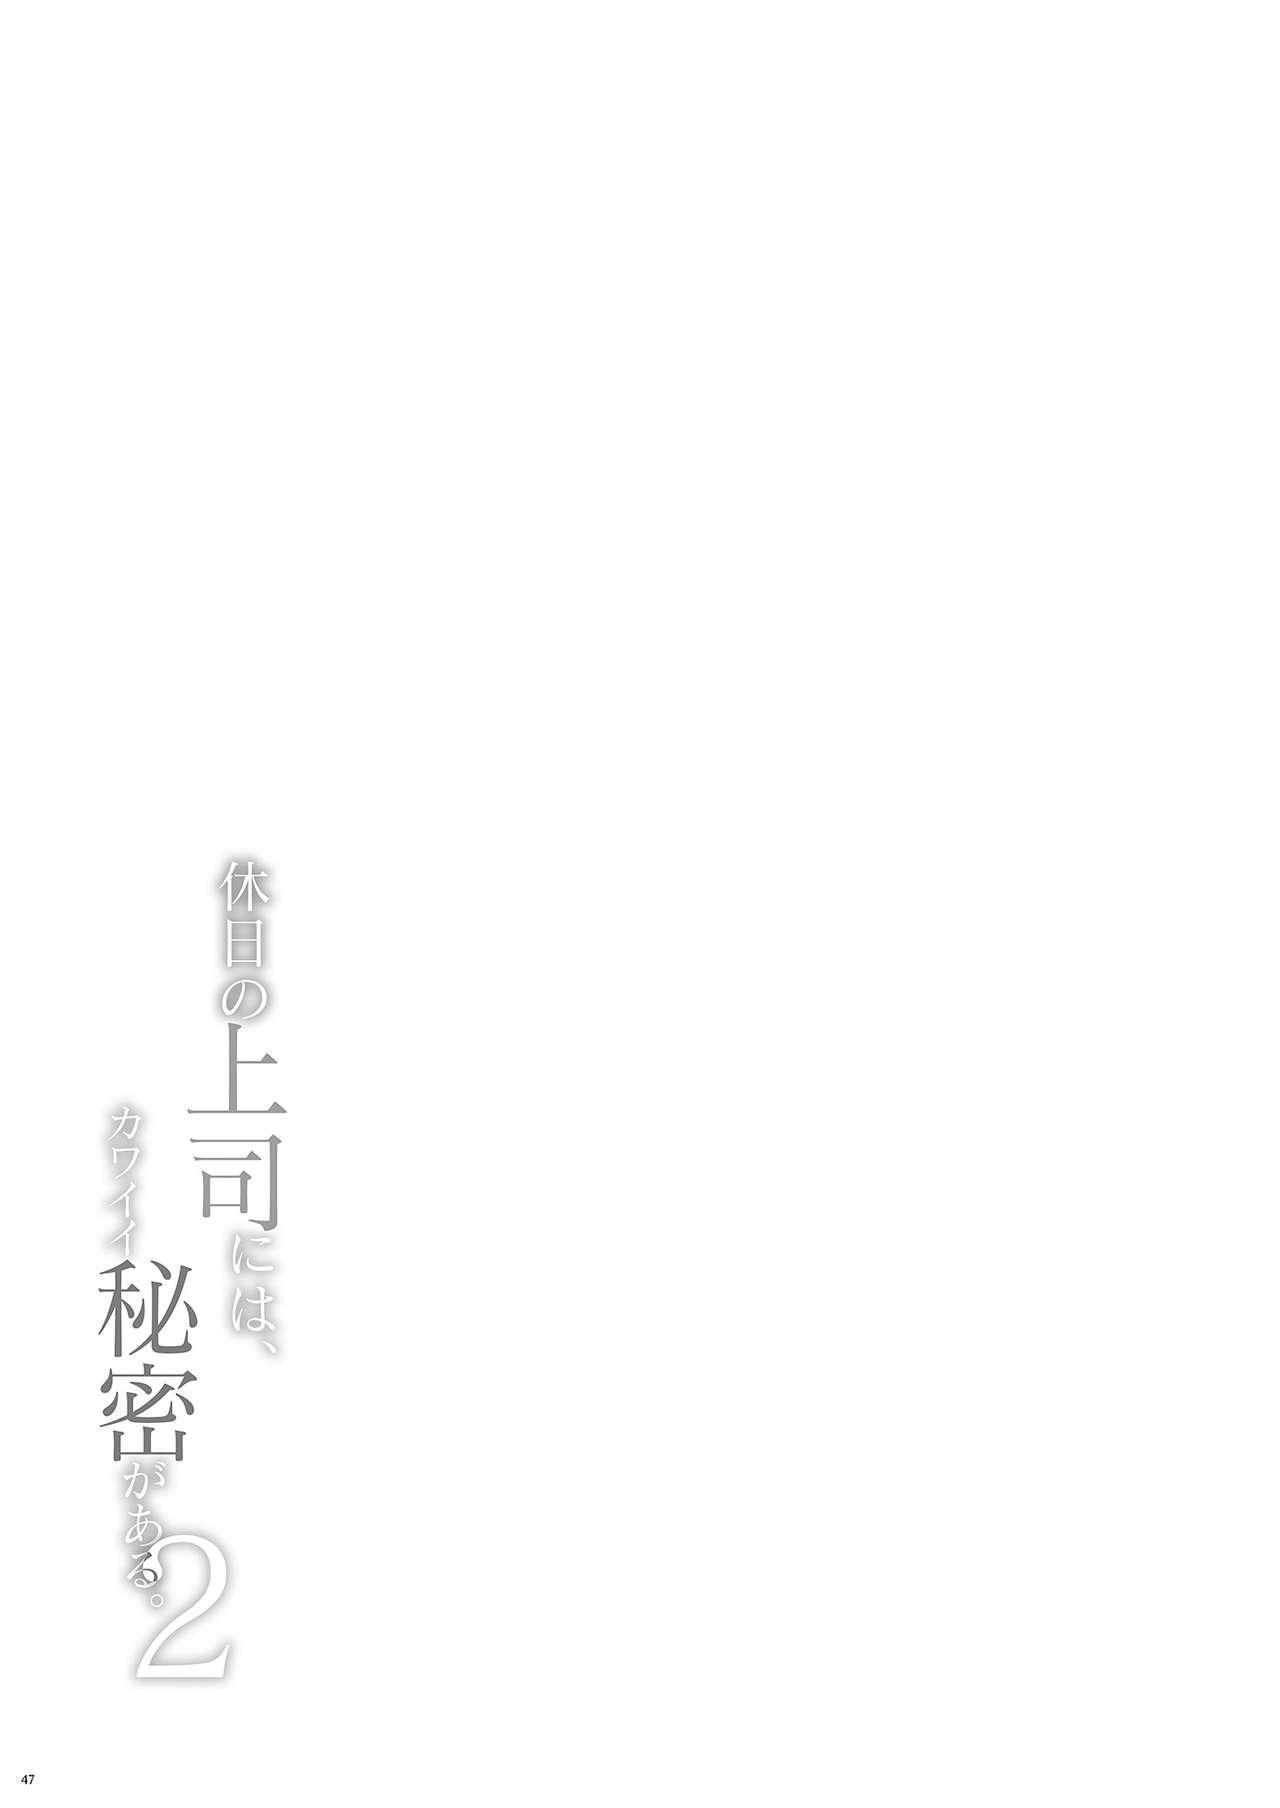 Kyuujitsu no Joushi ni wa, Kawaii Himitsu ga Aru. 2 44